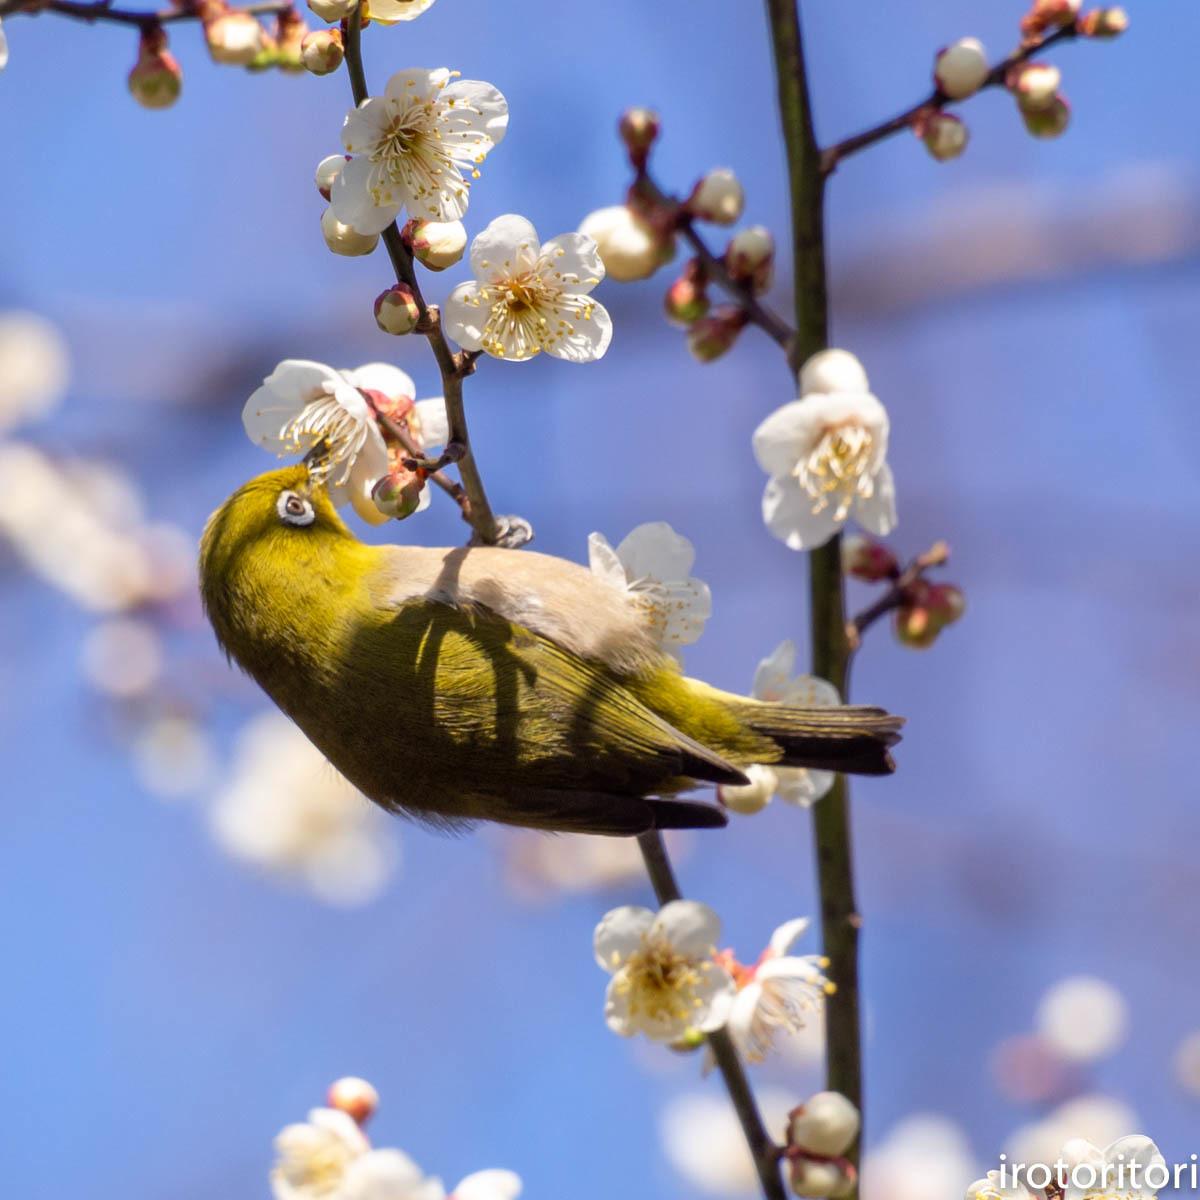 梅が咲いてました〜!!  (メジロ)  2020/02/08_d0146592_01173790.jpg